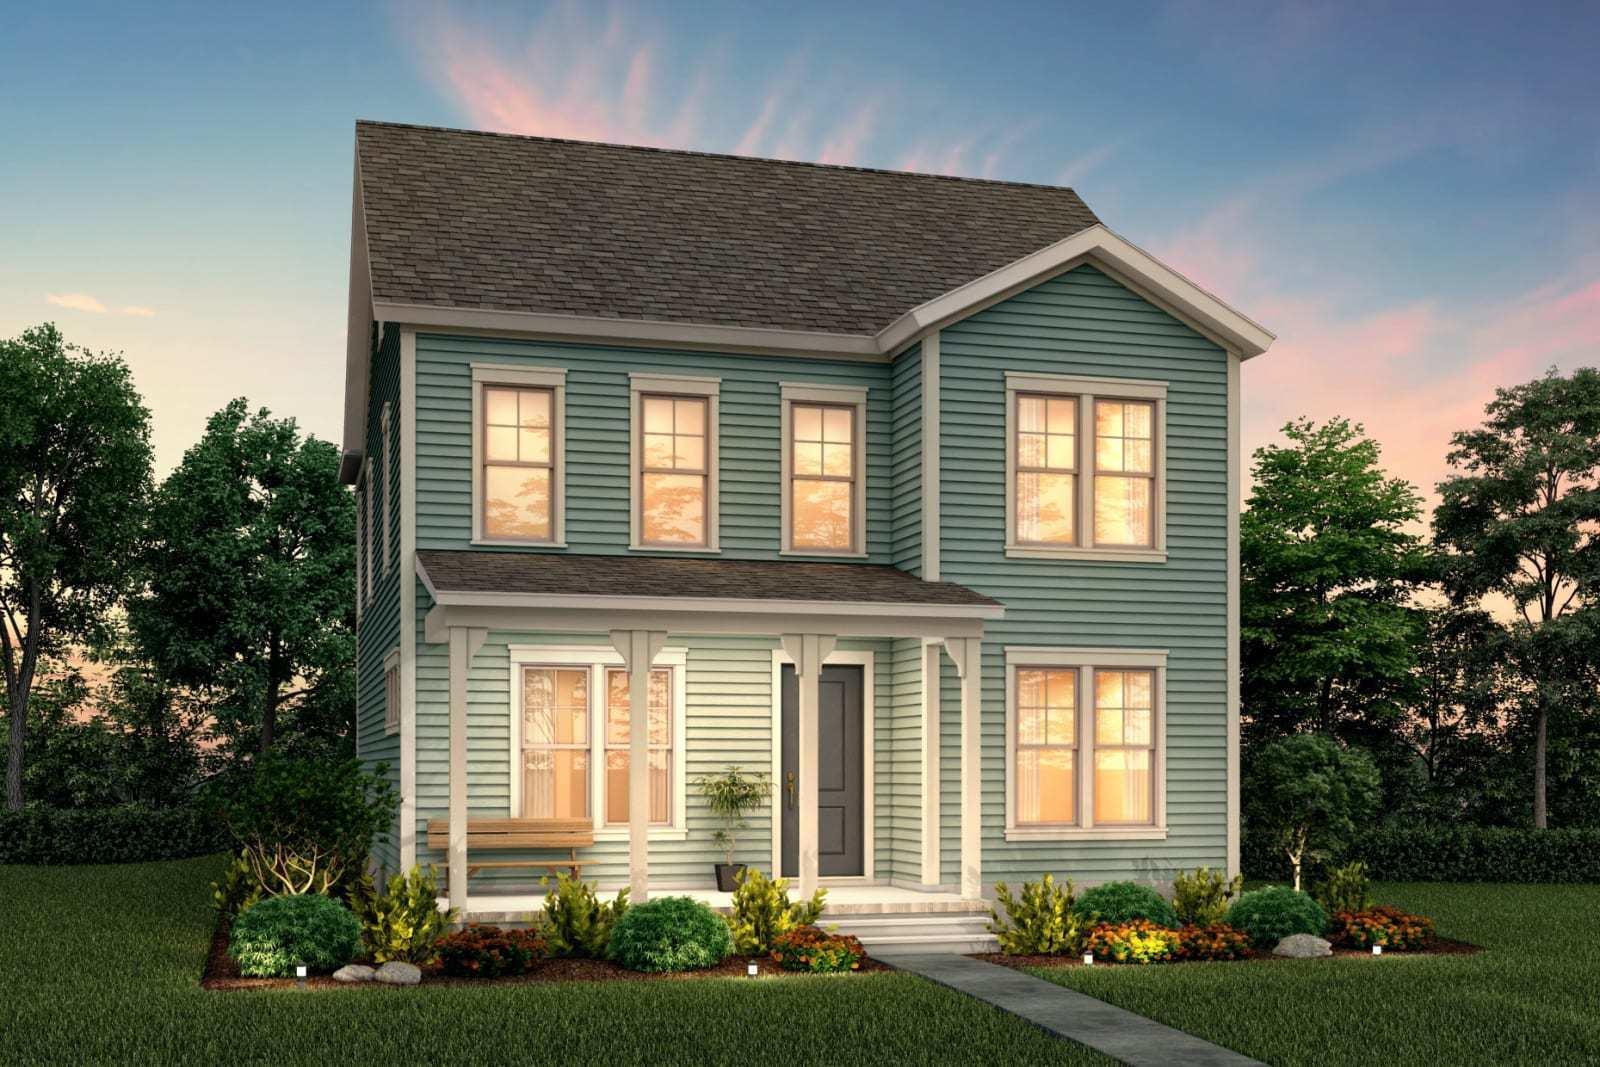 857 Carnes Crossing, Summerville, 29486, 3 Bedrooms Bedrooms, ,2 BathroomsBathrooms,For Sale,Carnes,21019943